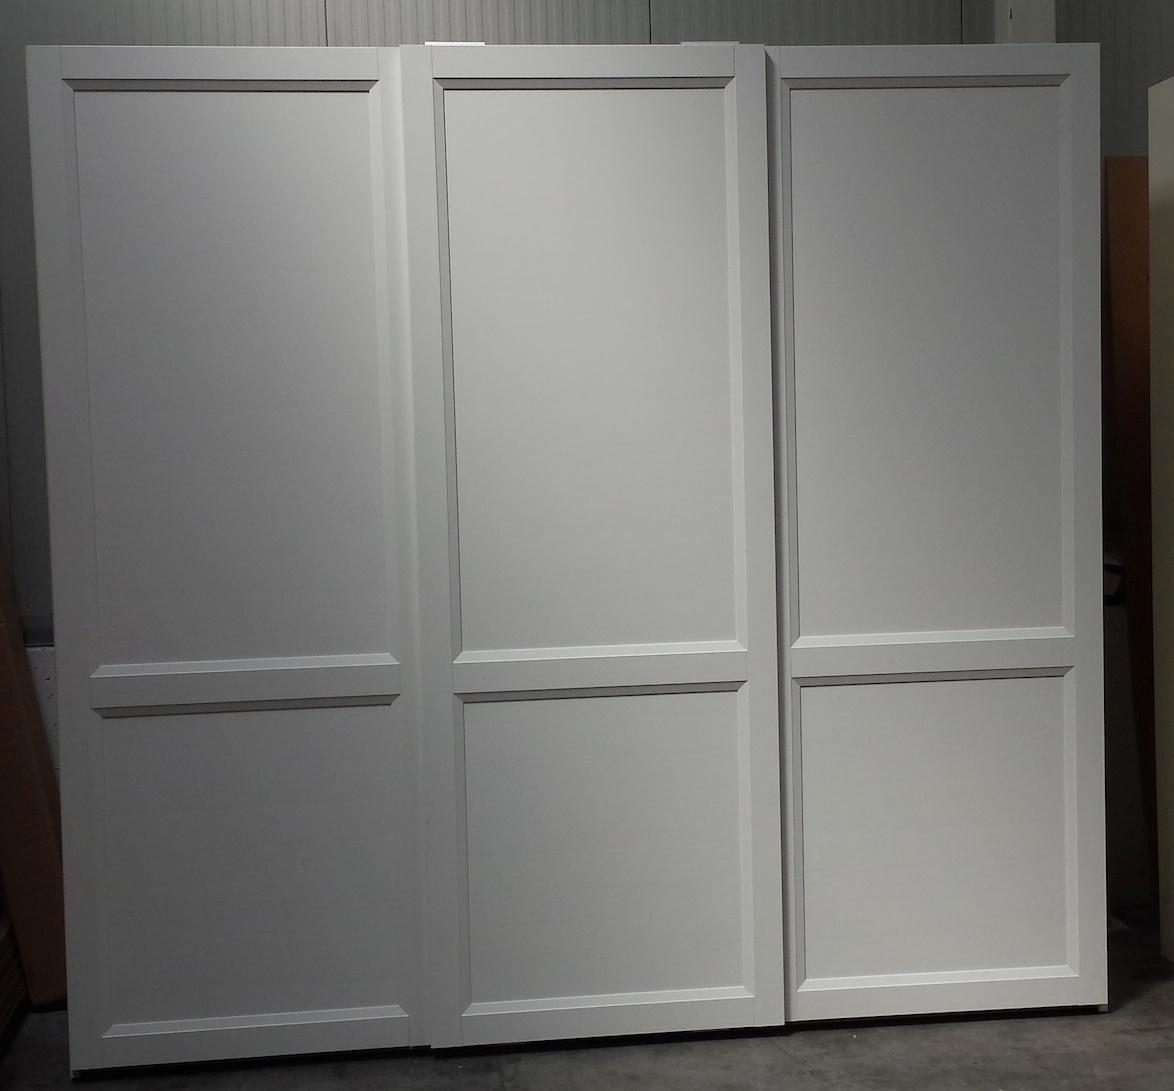 Awesome armadi scorrevole bianco frassino laccato camere a for Arredamento stile inglese bianco